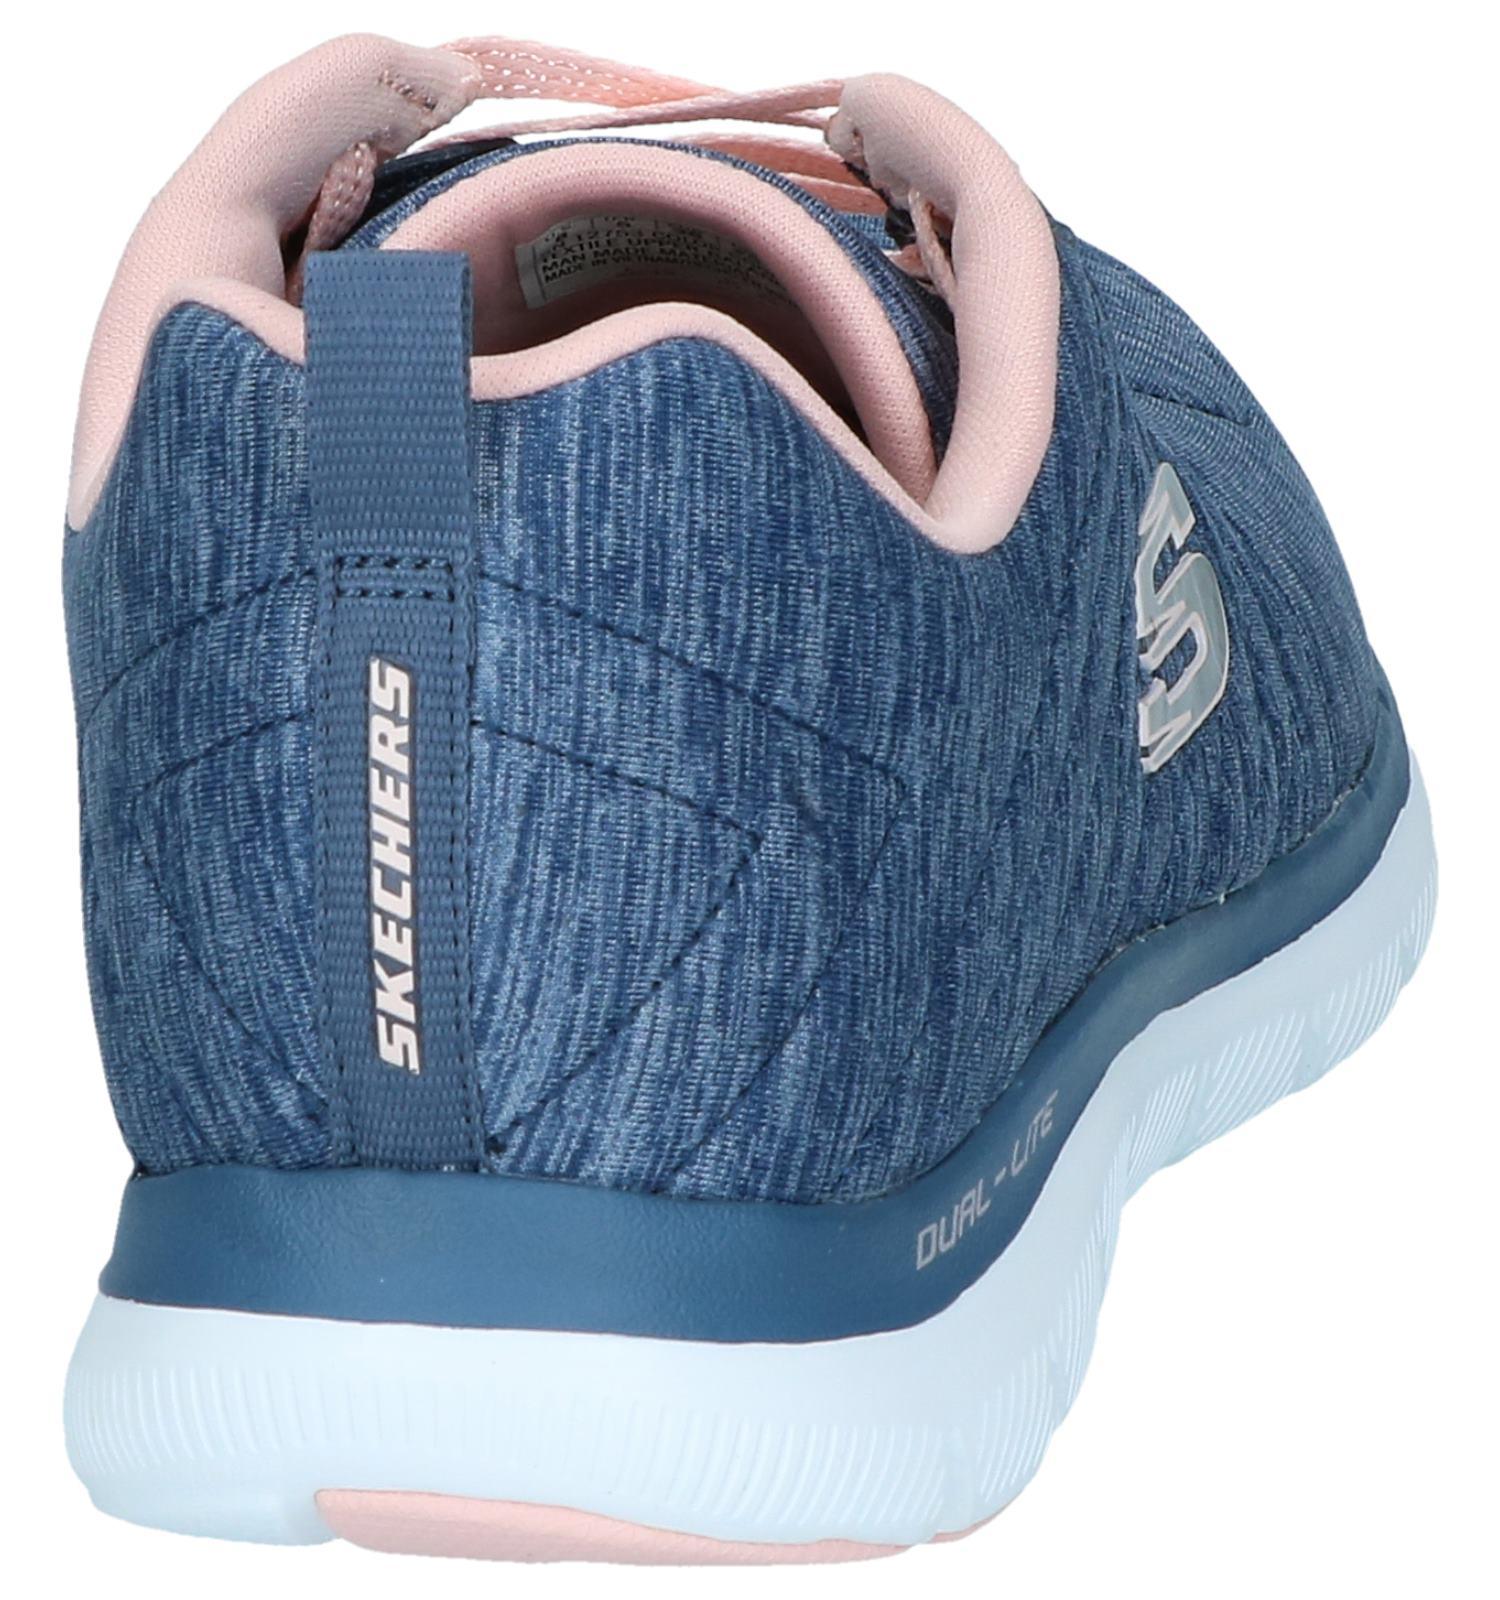 Sneakers Appeal Skechers 0 2 Flex Blauwe xBWredCo